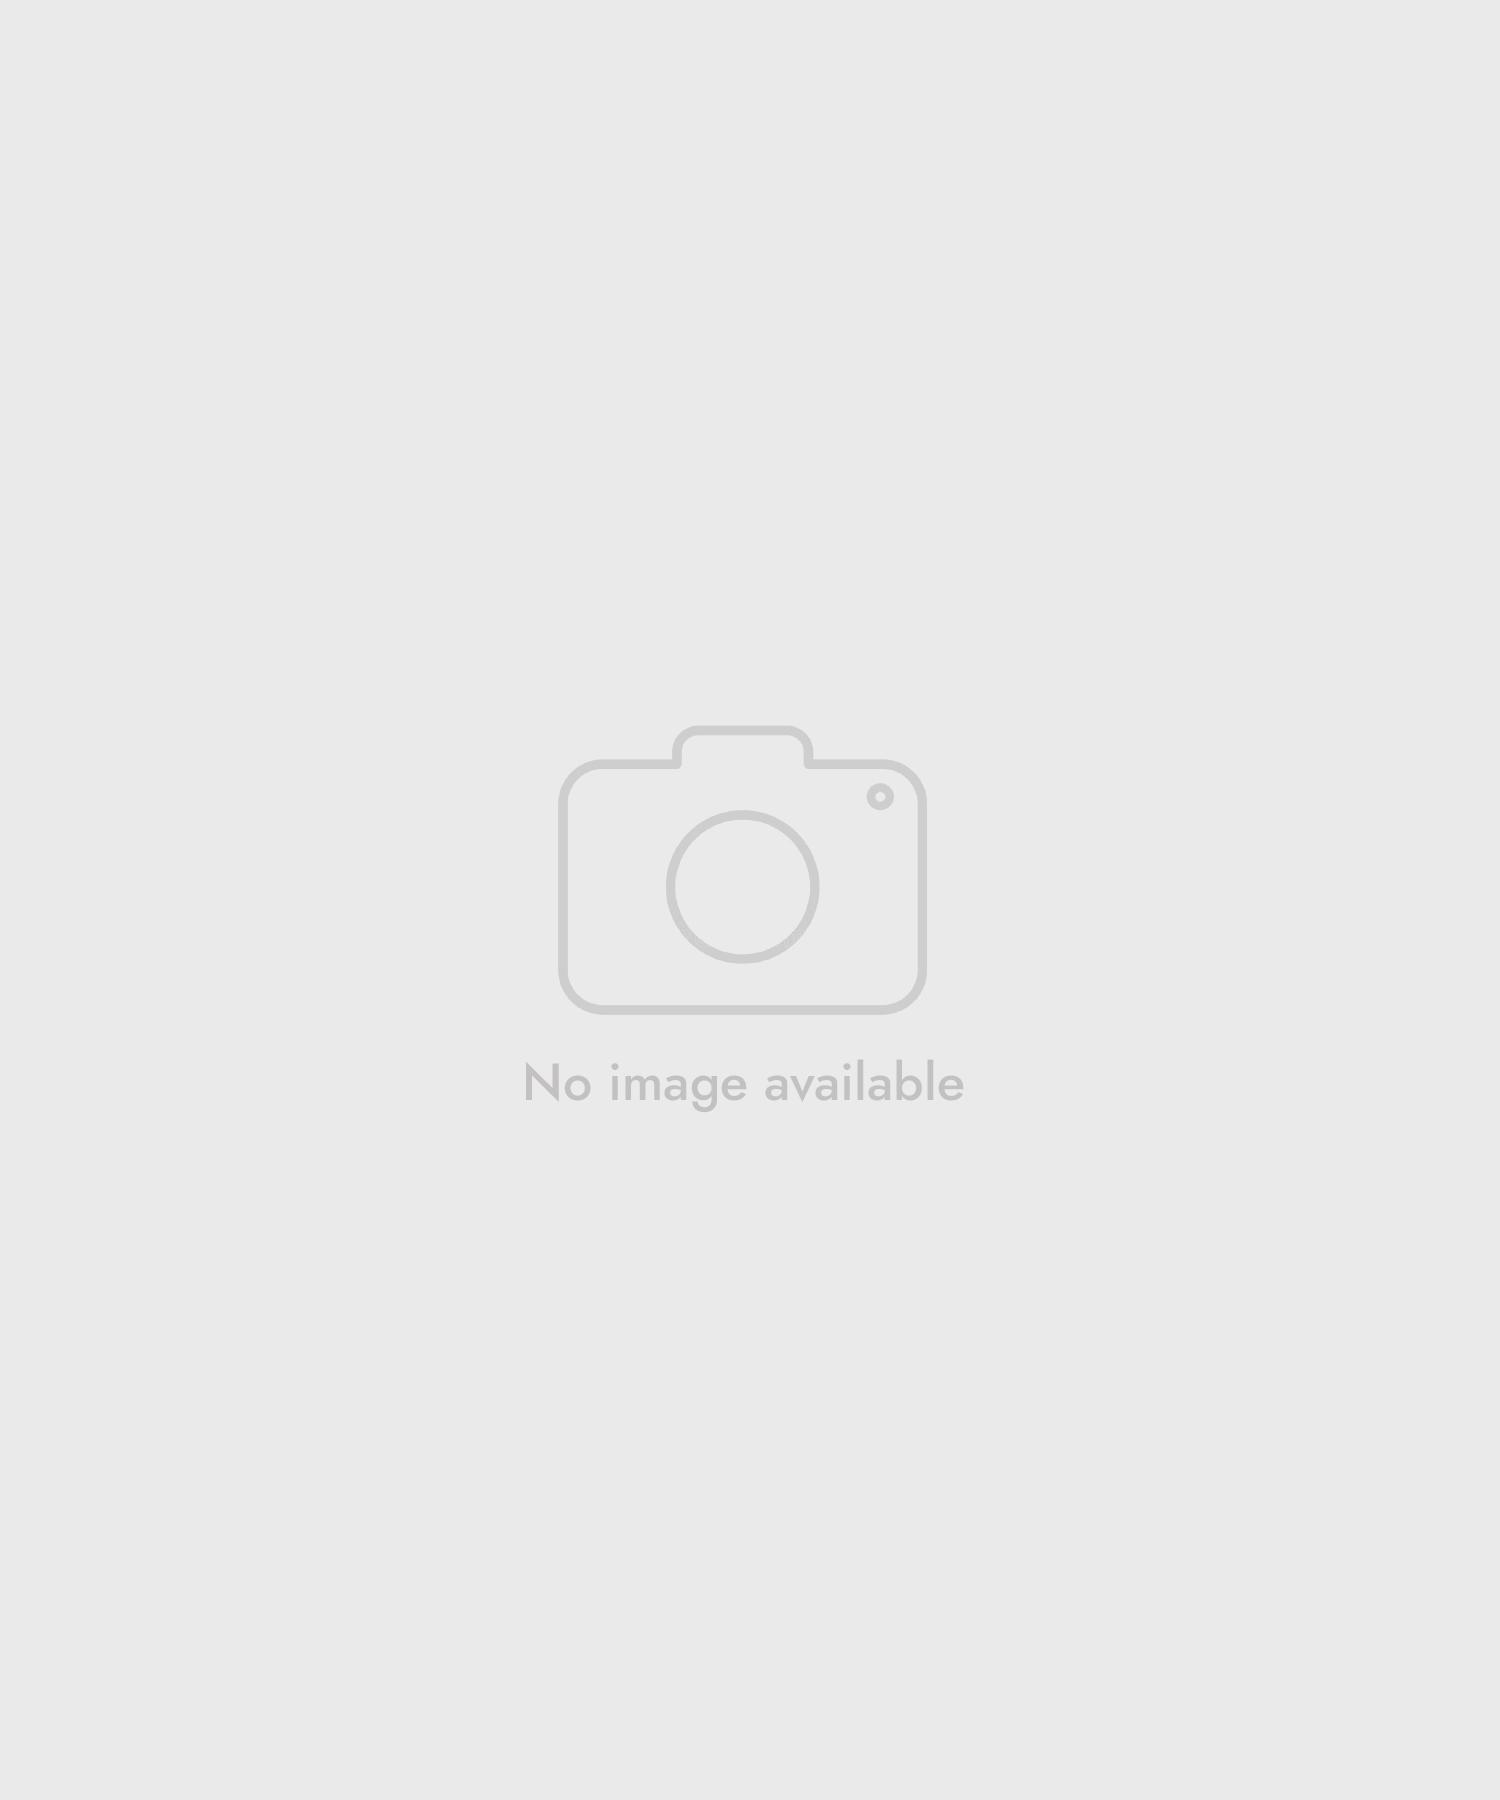 Czarne sandały damskie MIA-JTR KS017